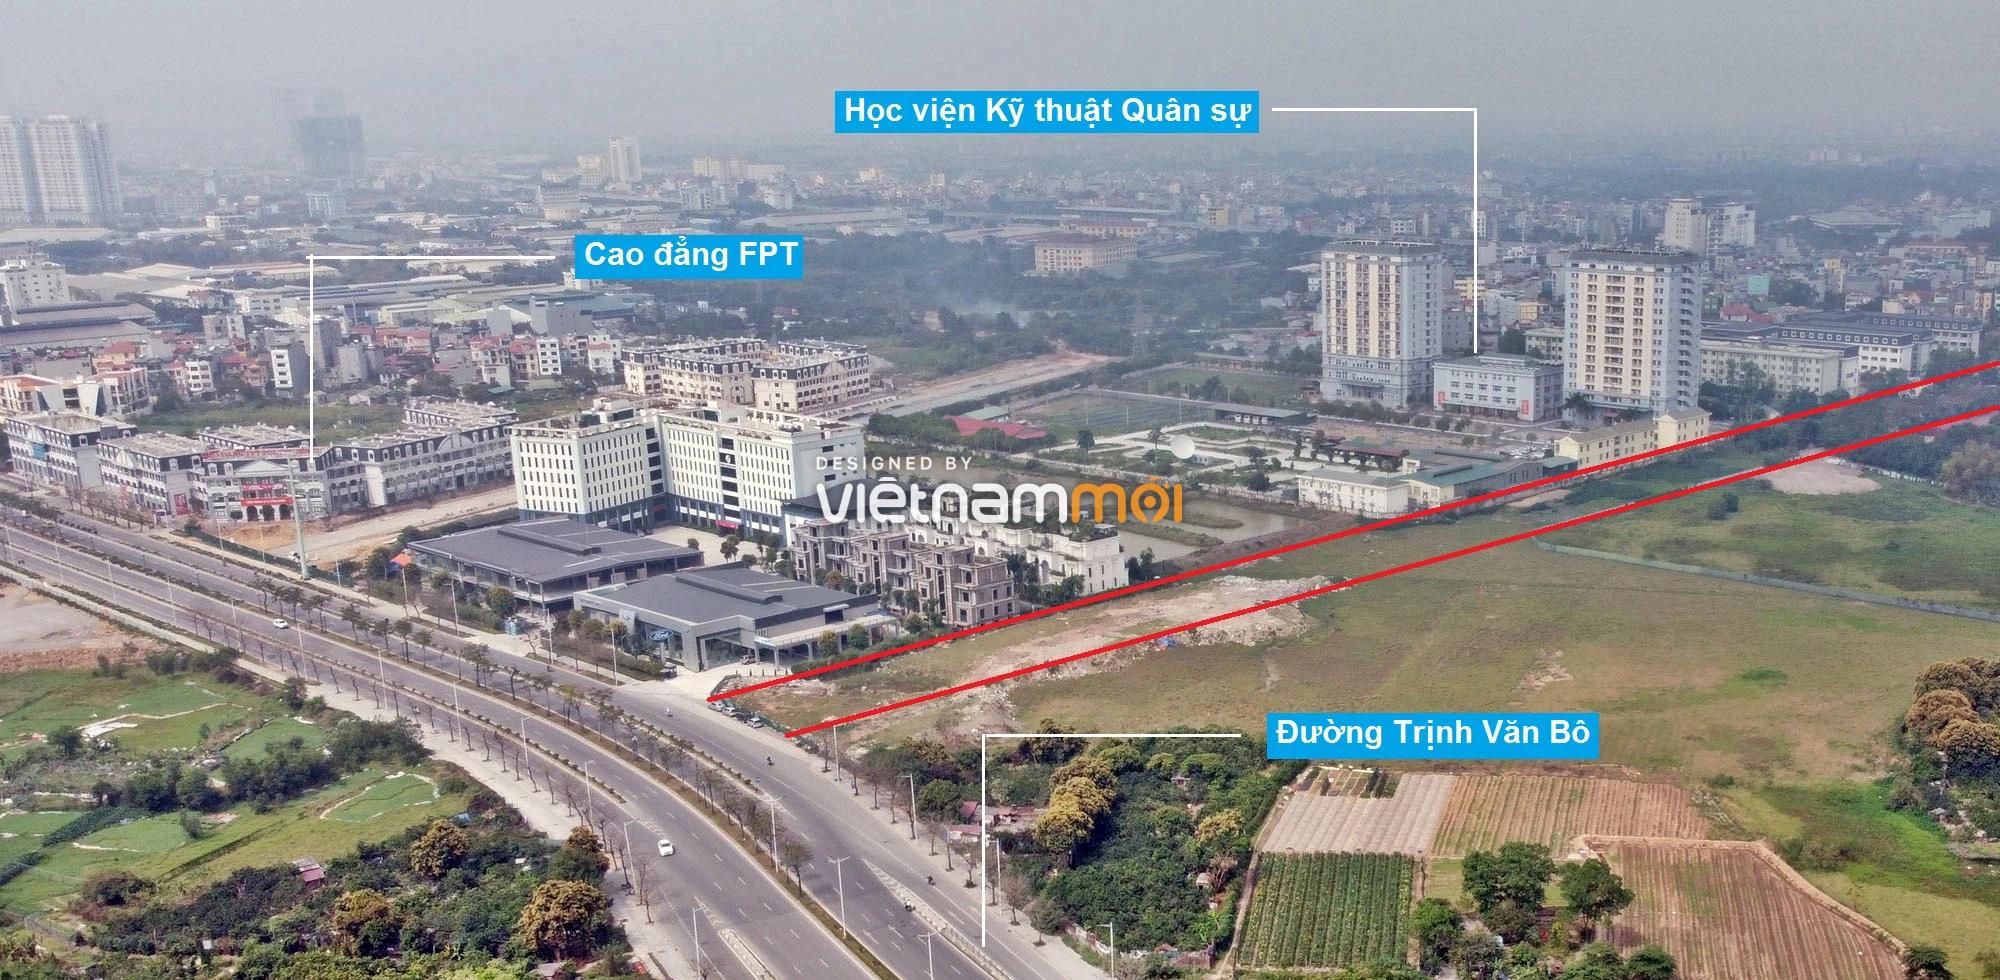 Đường sẽ mở theo quy hoạch ở phường Phương Canh, Nam Từ Liêm, Hà Nội (phần 2) - Ảnh 5.